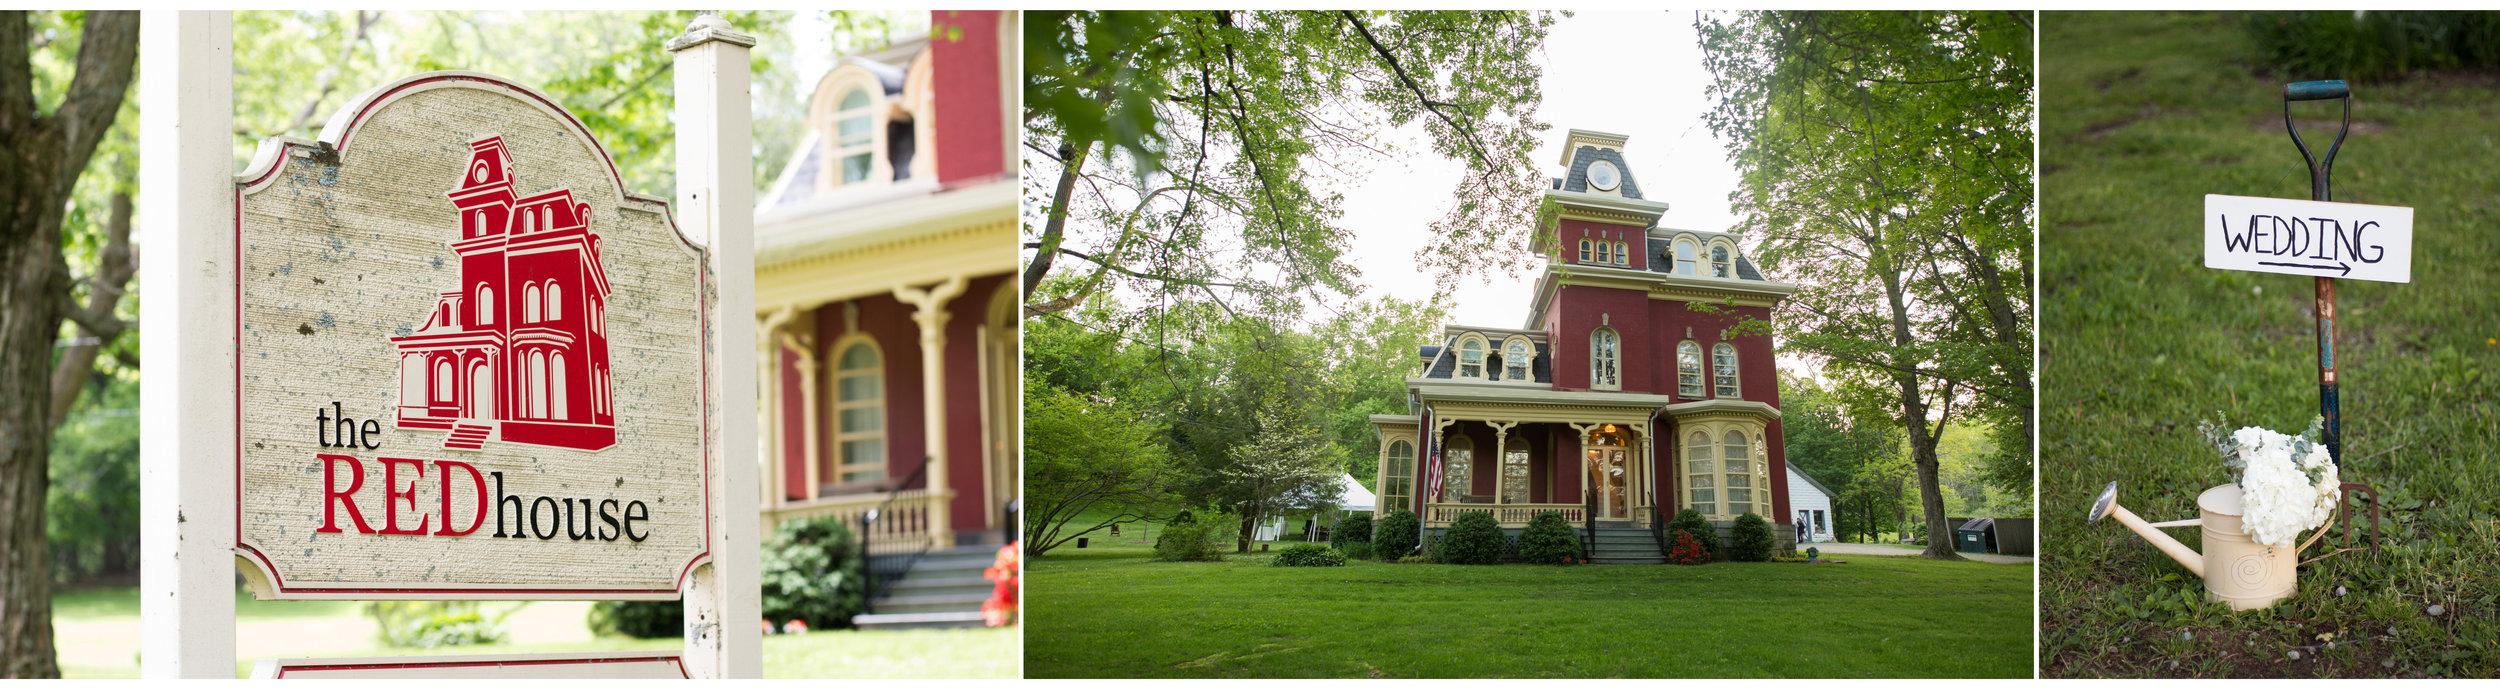 the red house - cassadaga NY